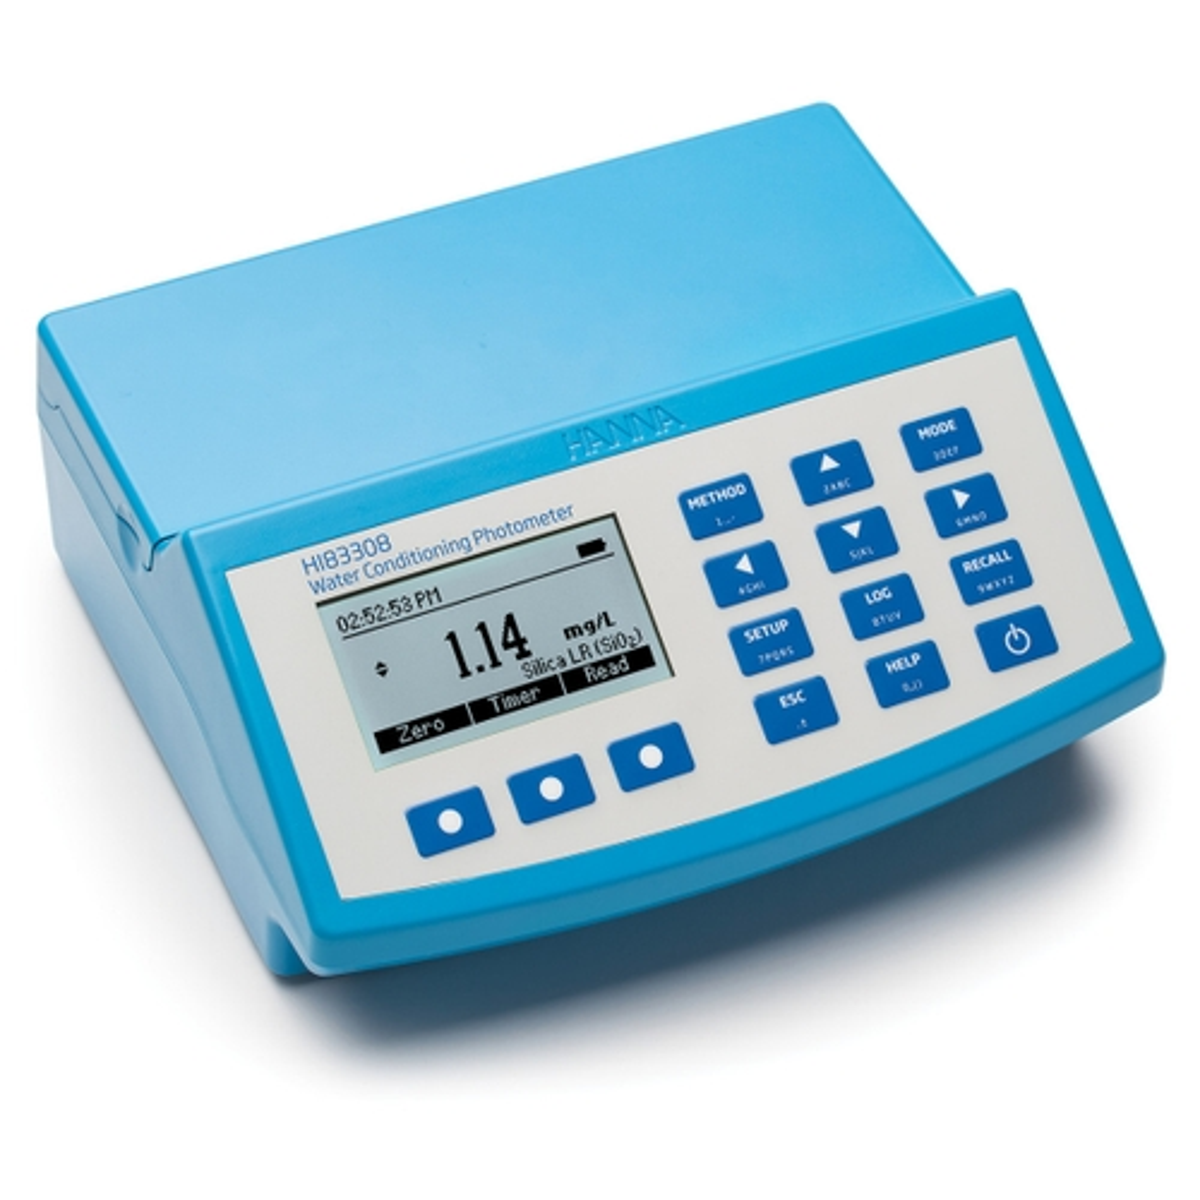 HI83308 - Fotometro da banco per l'analisi dei principali parametri delle acque primarie (23 metodi)